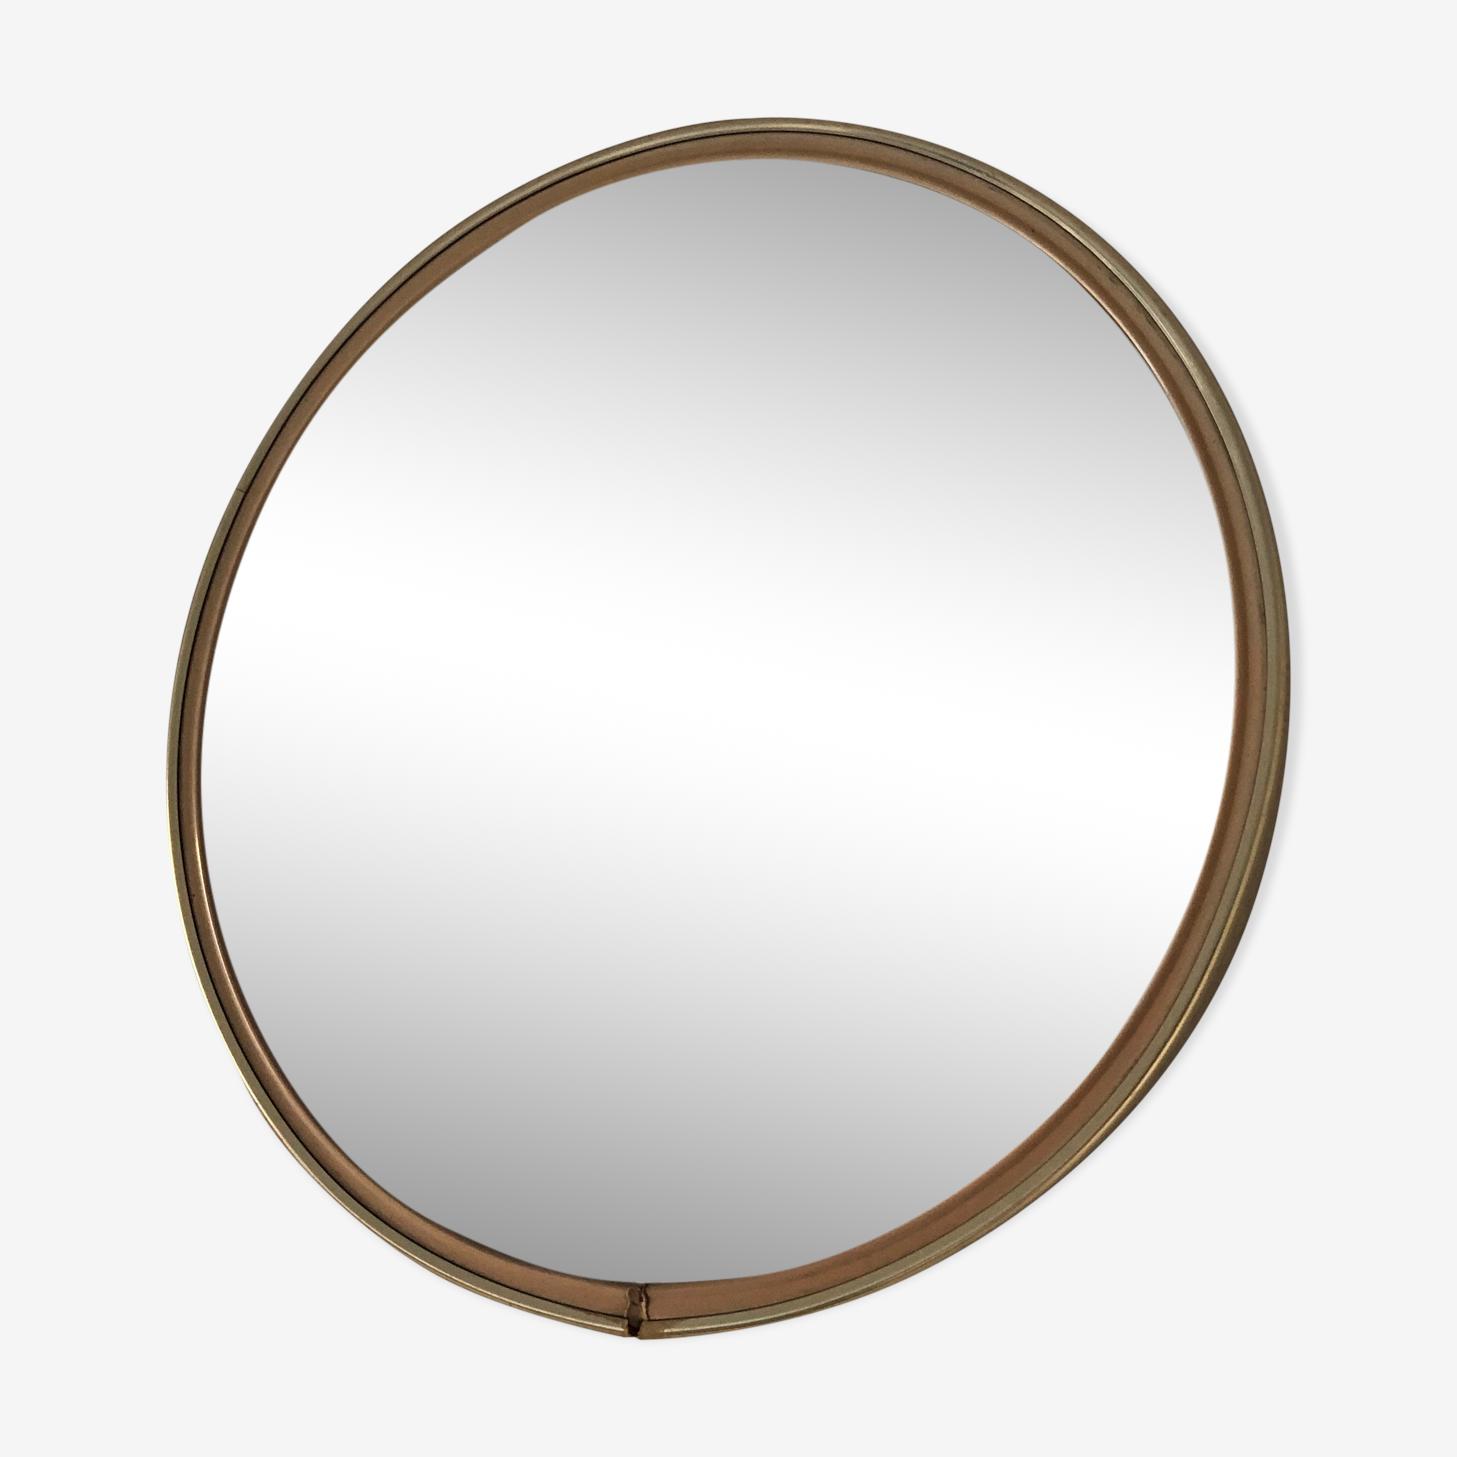 Miroir rétroviseur rond 29x29cm 1960